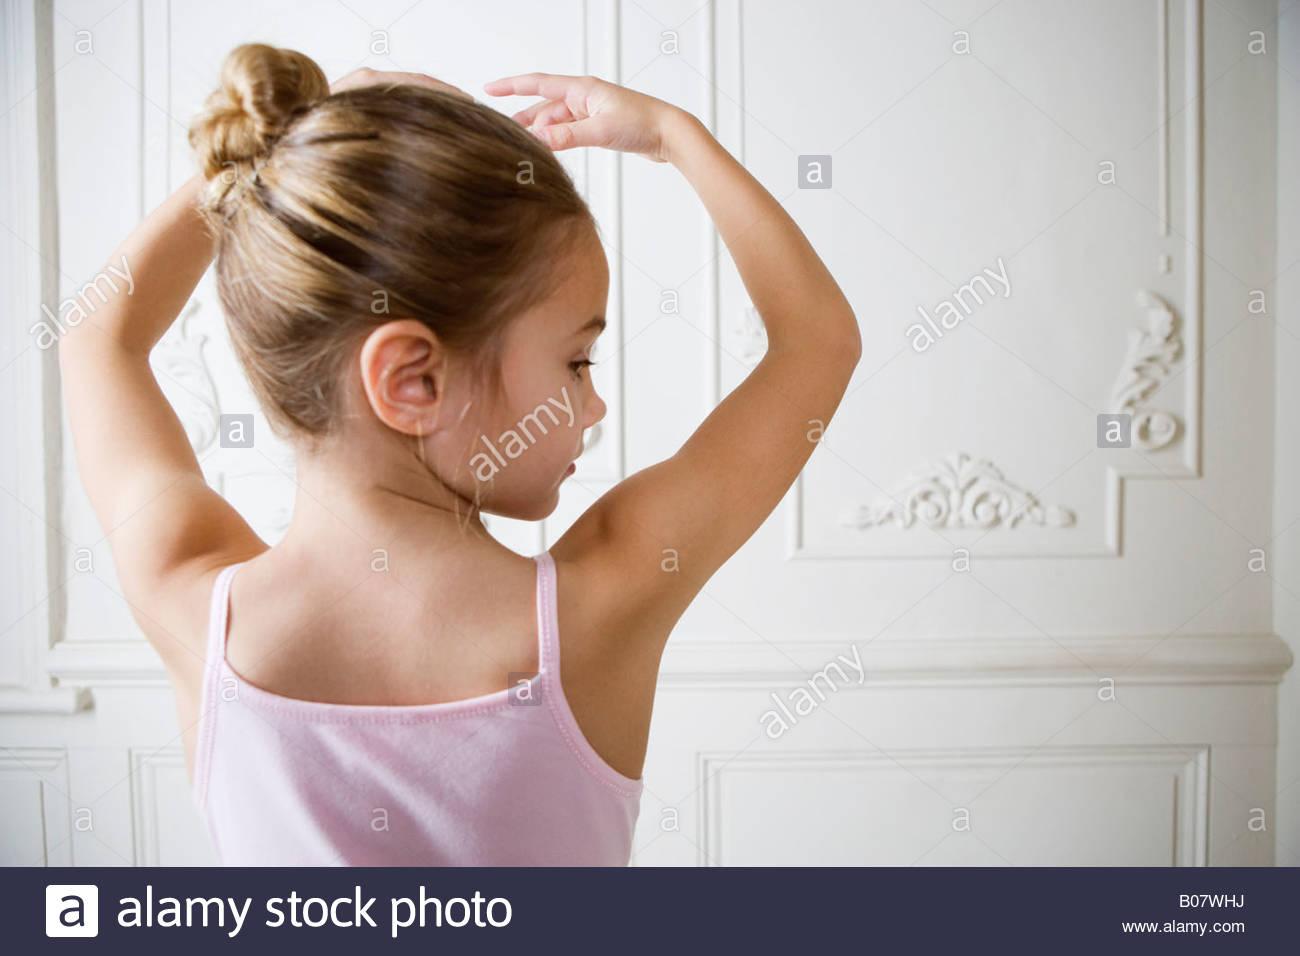 Junge Mädchen, die Durchführung eines Ballett-Umzug Stockbild